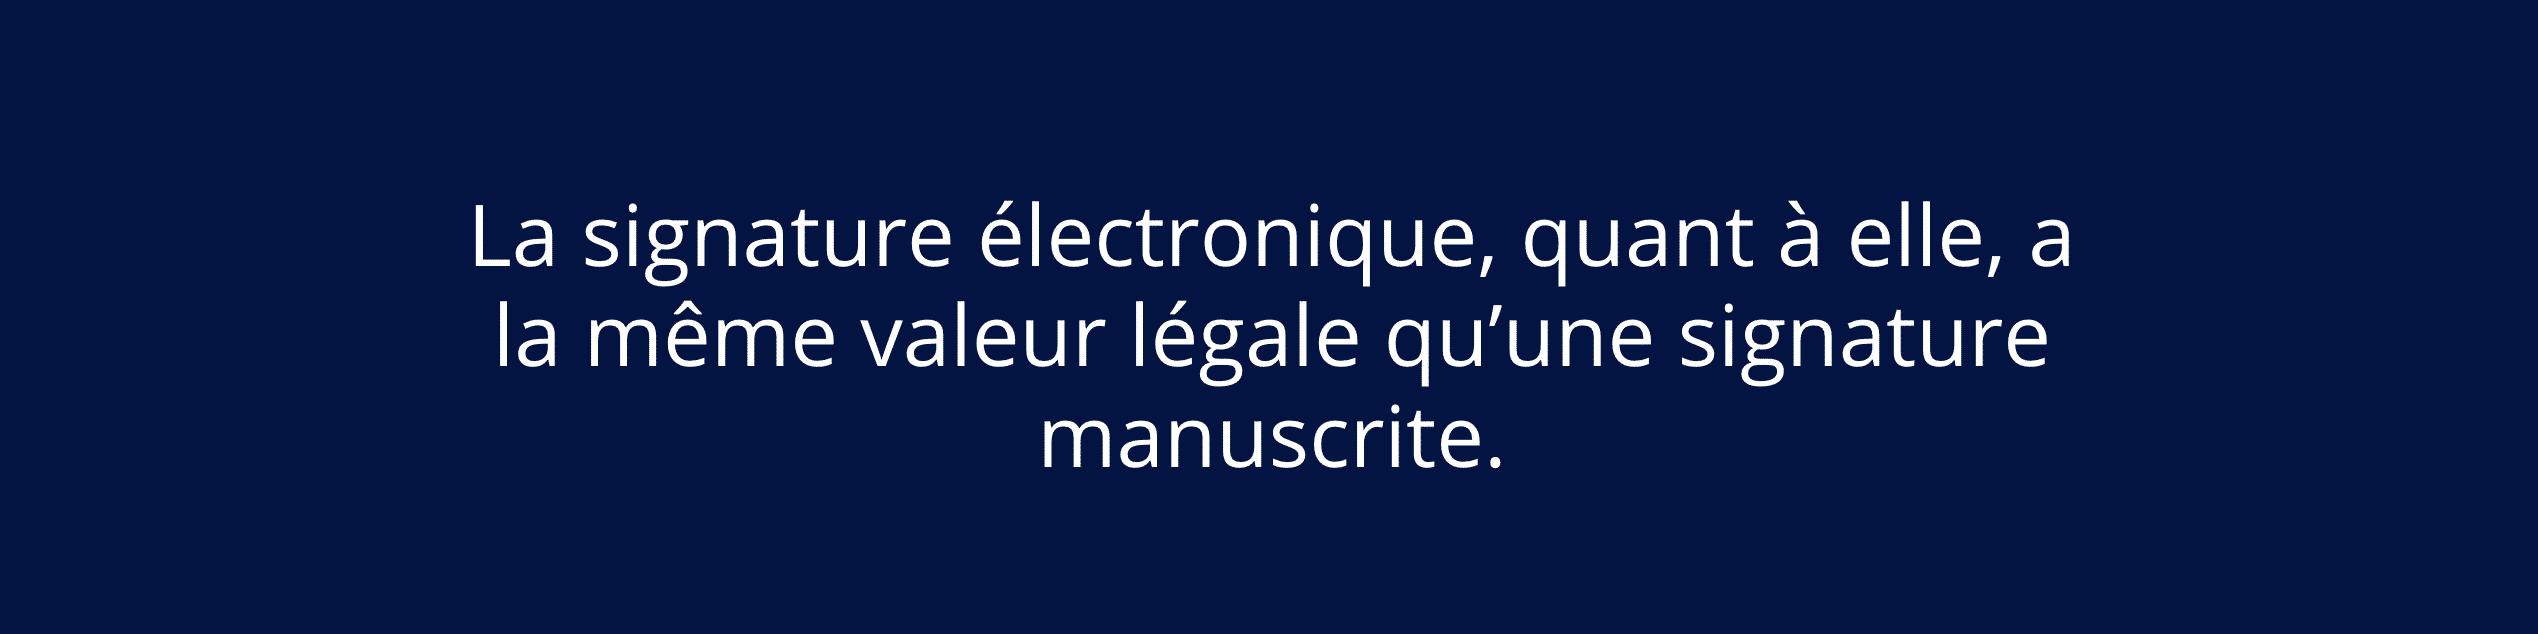 meilleur-logiciel-signature-electronique